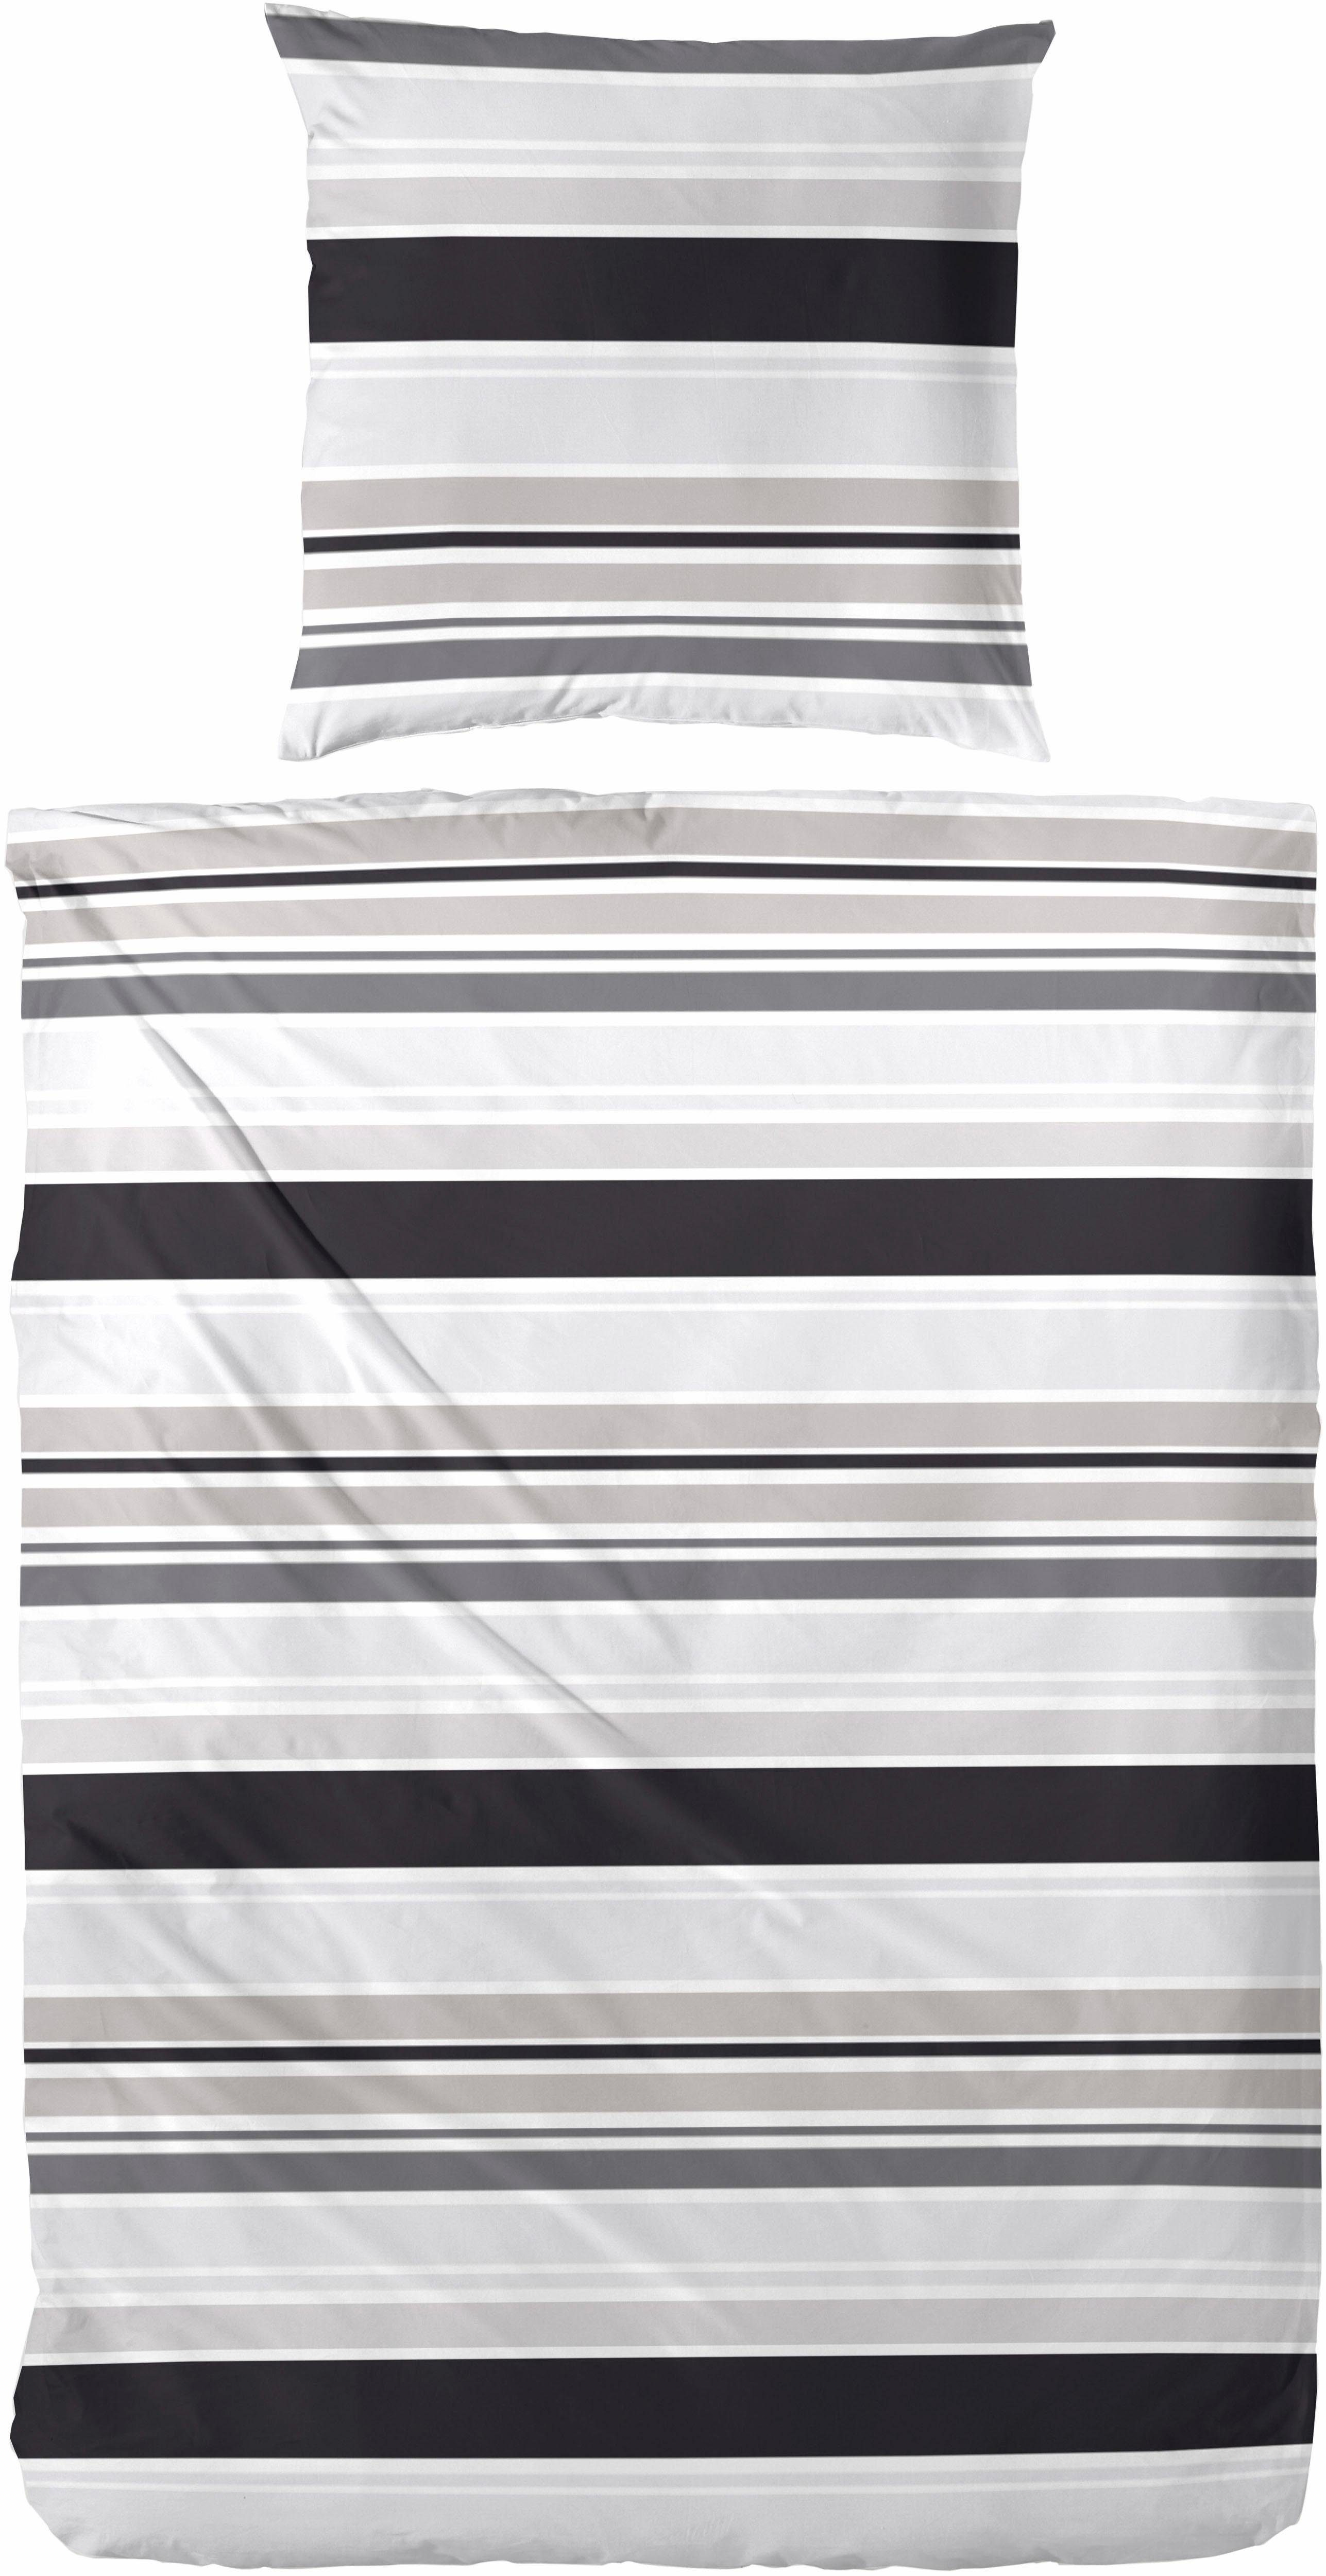 Bettwäsche, Primera, »Grey«, in Streifendesign